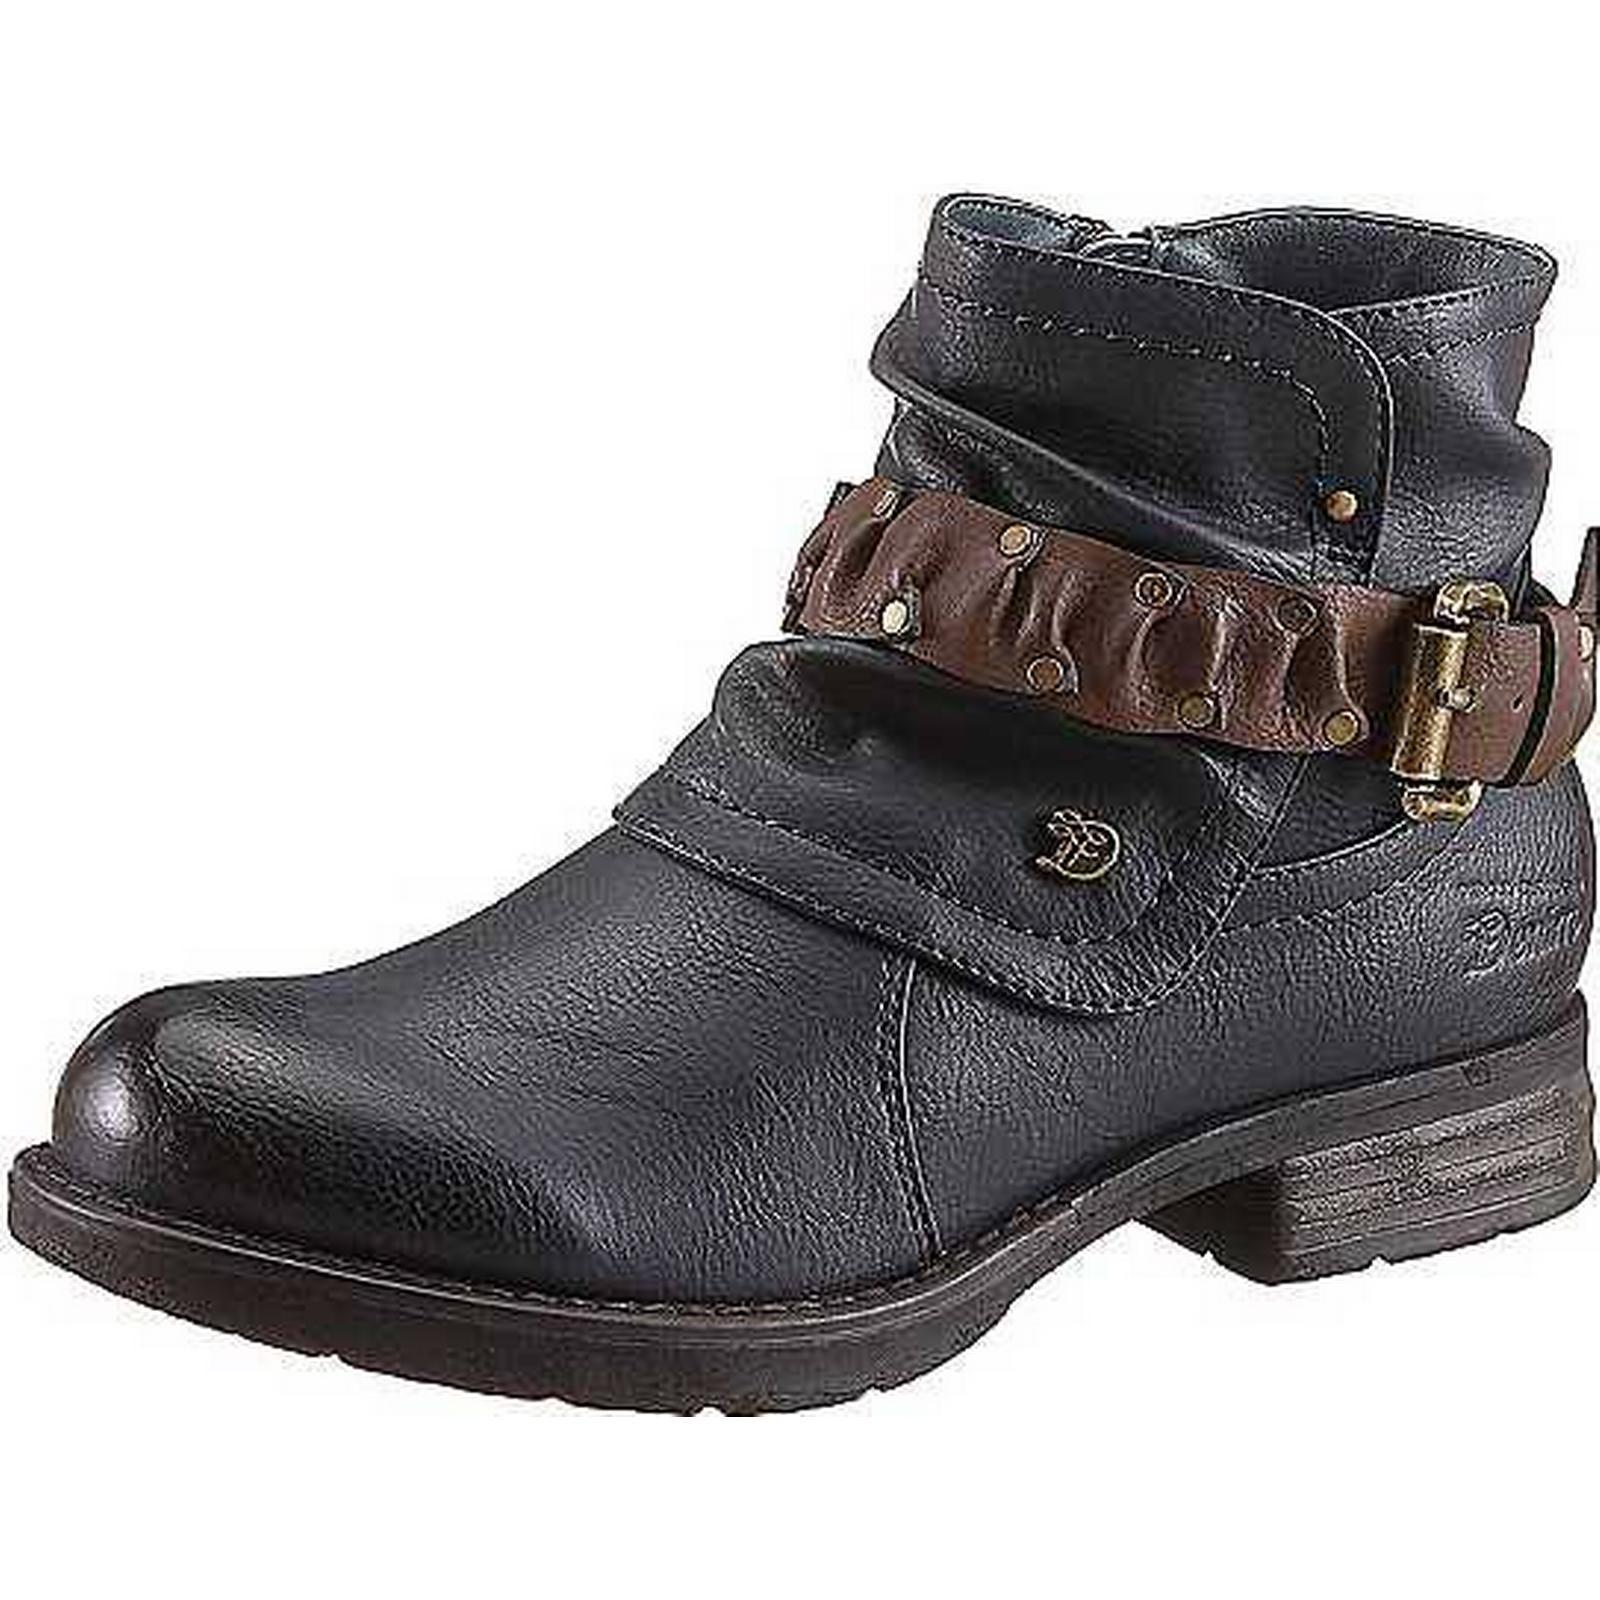 tom tailor porté es bottines bottines bottines par tom tailor / homme / femme / célèbre charge f15ce1